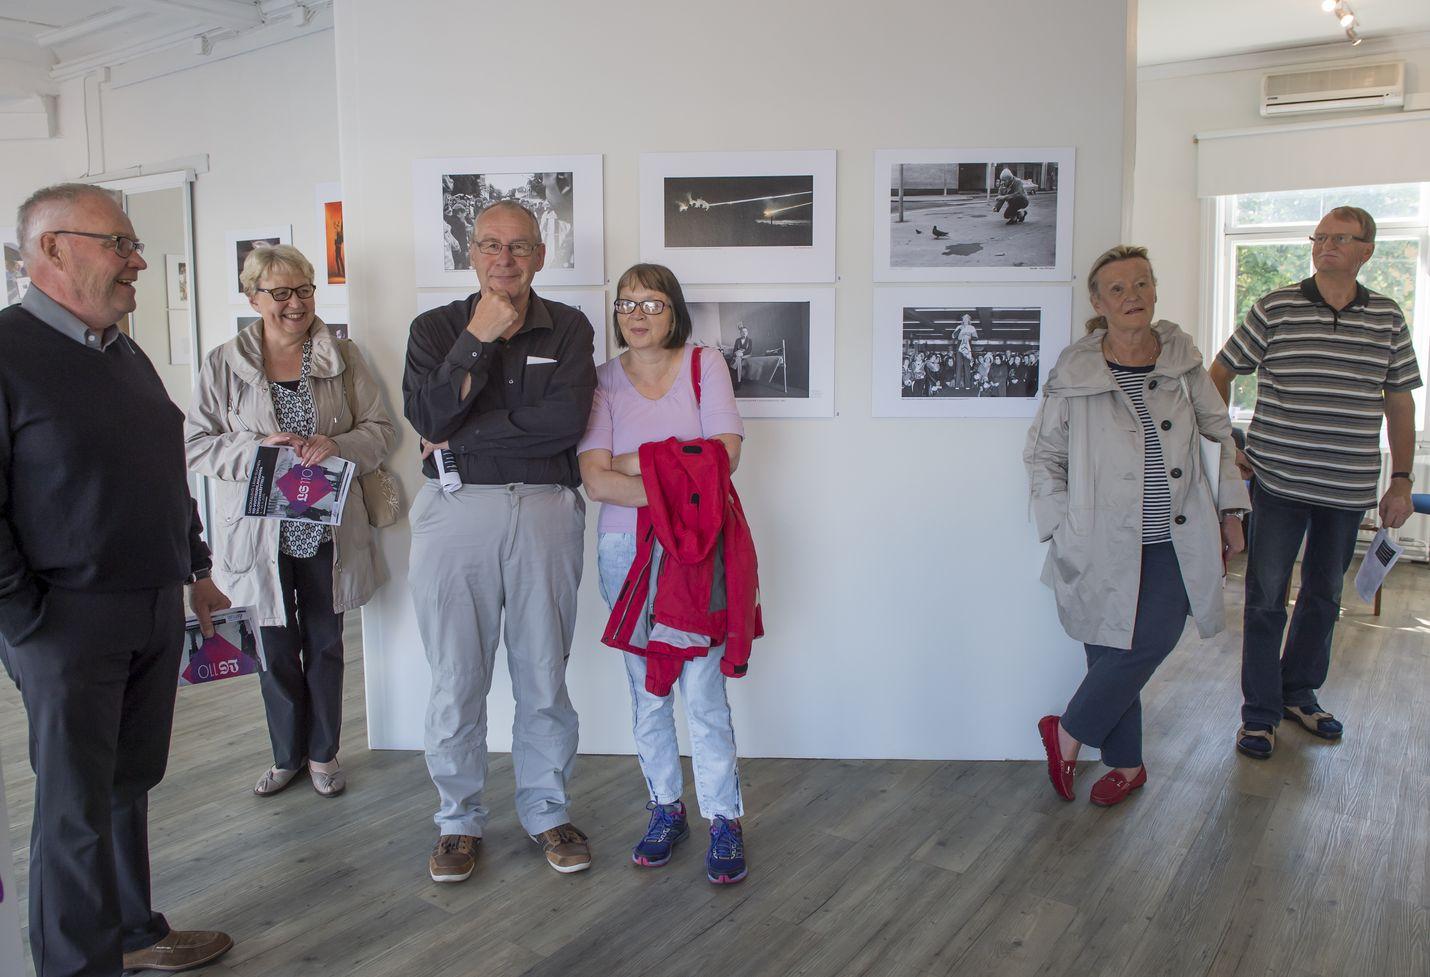 Länsi-Suomen kuvasatoa vuosien varrelta esittelevä näyttely on kiinnostanut sankoin joukoin kaupunkilaisia. Lehden entinen kuvaaja Erkki Railio kertoi omista kuvistaan galleriassa syyskuussa.